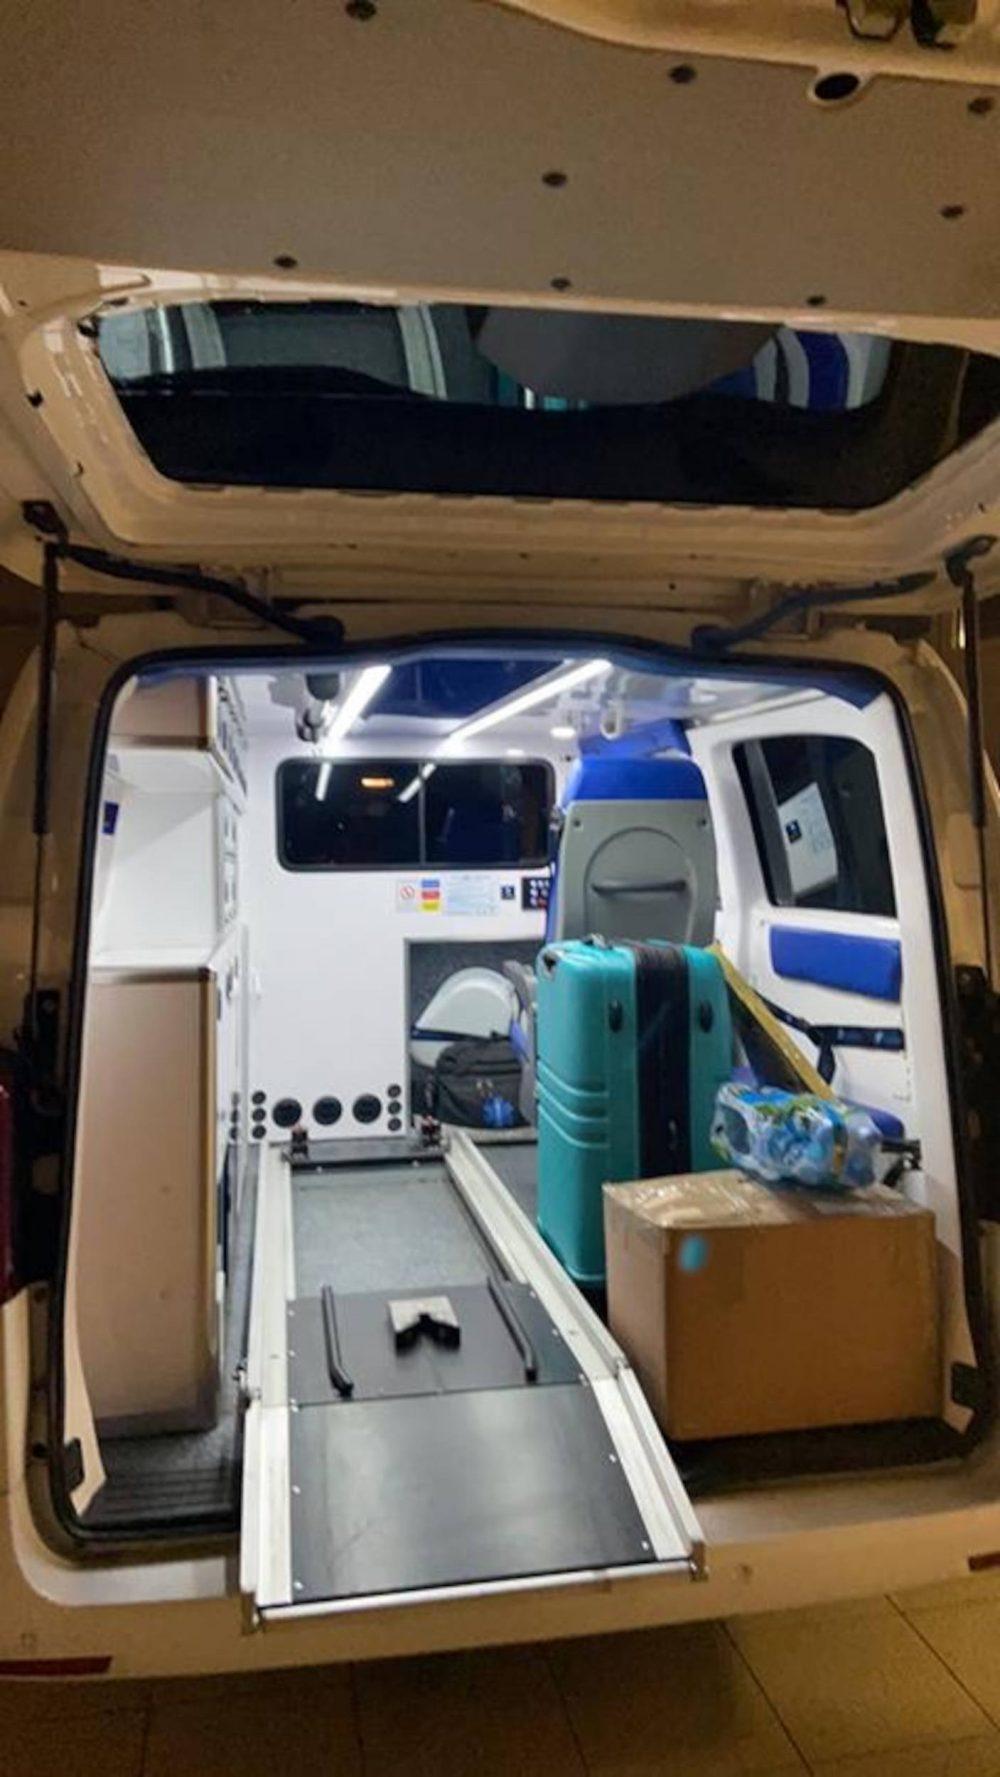 Karolina's private ambulance - Health News Scotland